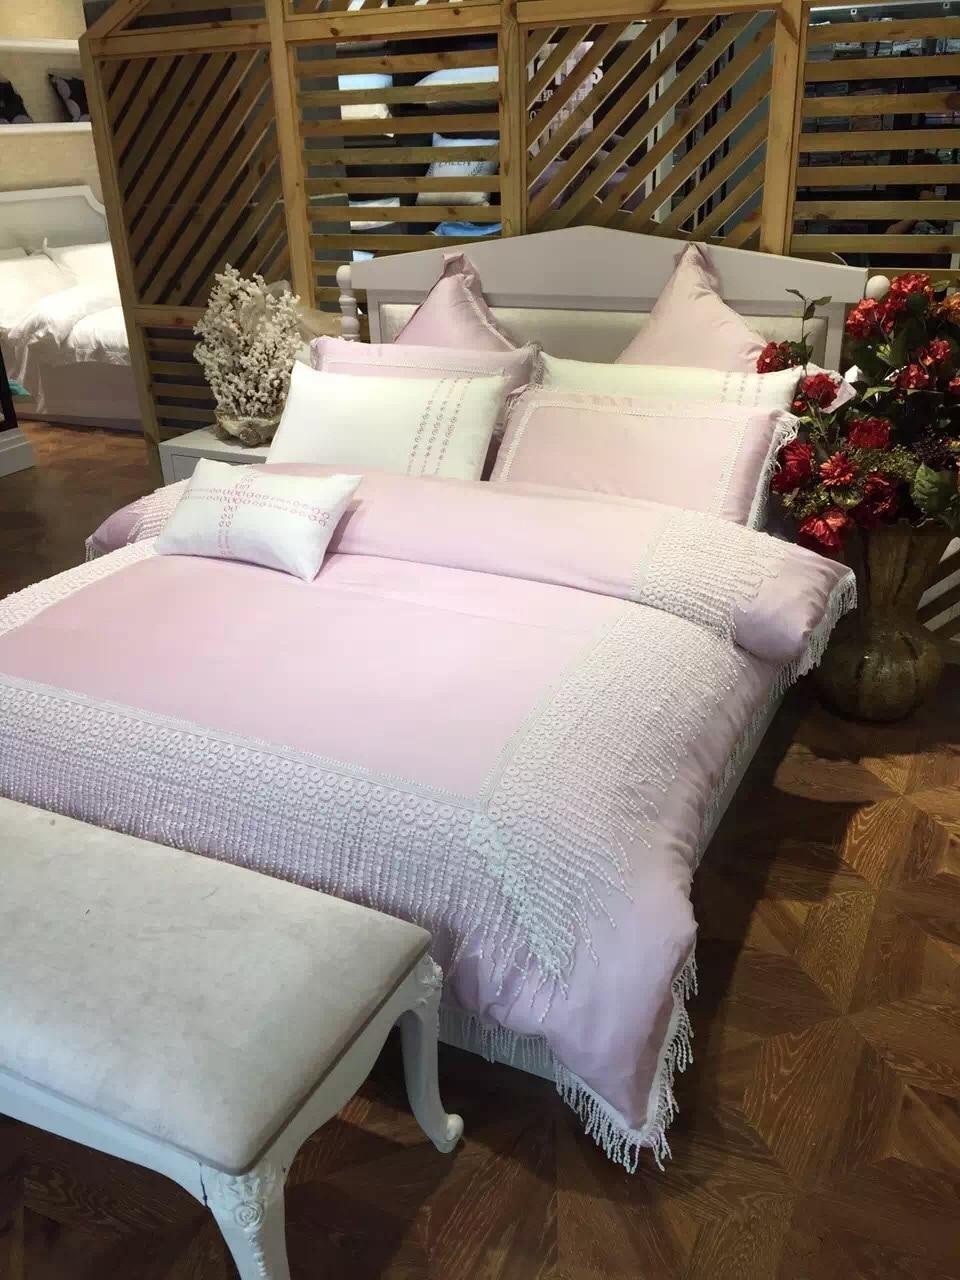 Light purple bed sets - Pastel Bedding Sets